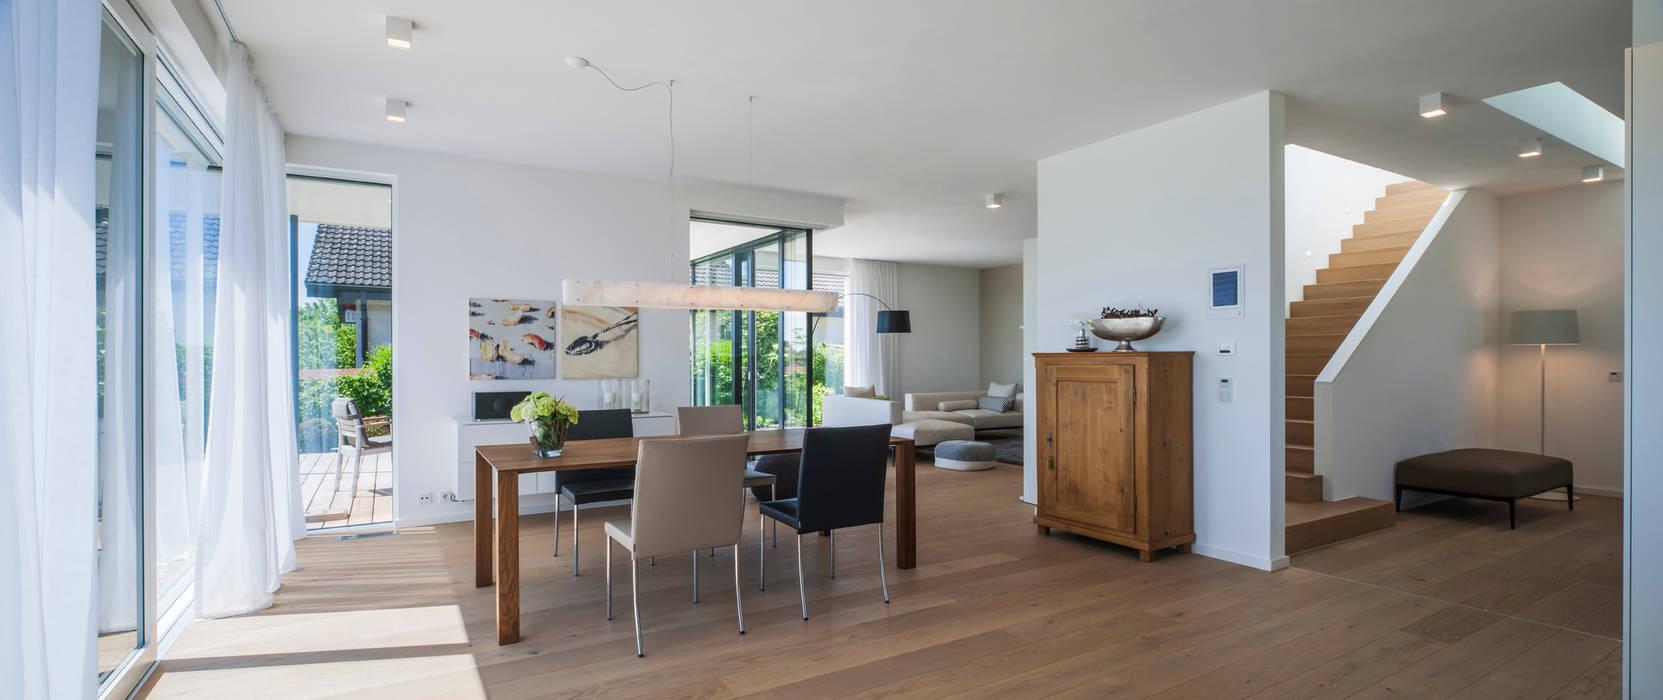 Ess Wohnbereich Modern Esszimmer Von Kitzlingerhaus Gmbh Co Kg